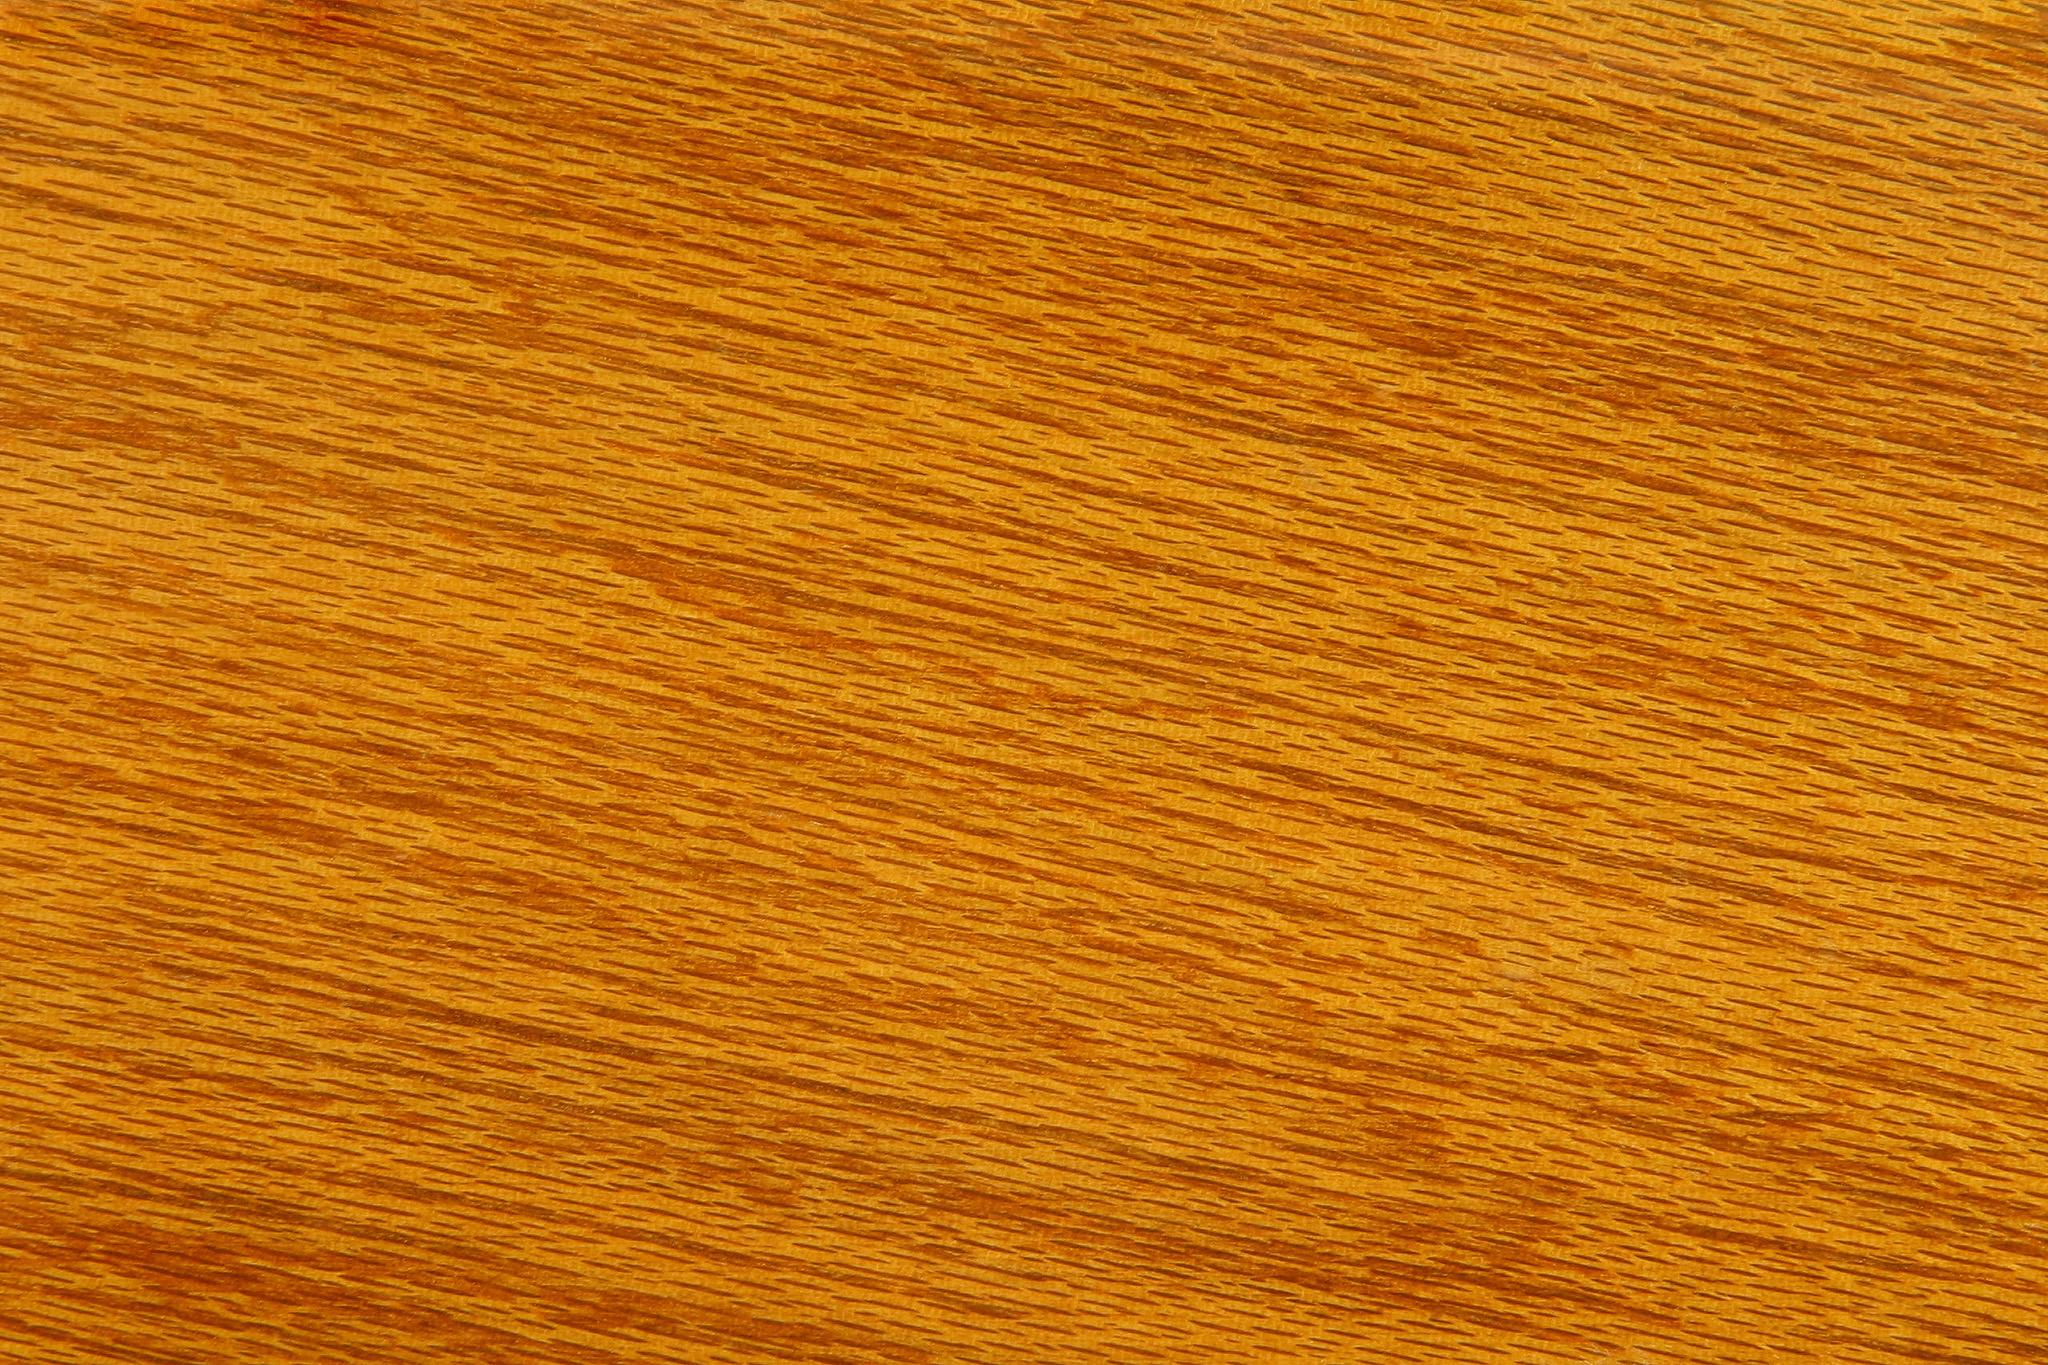 黄褐色のシナノキの木地